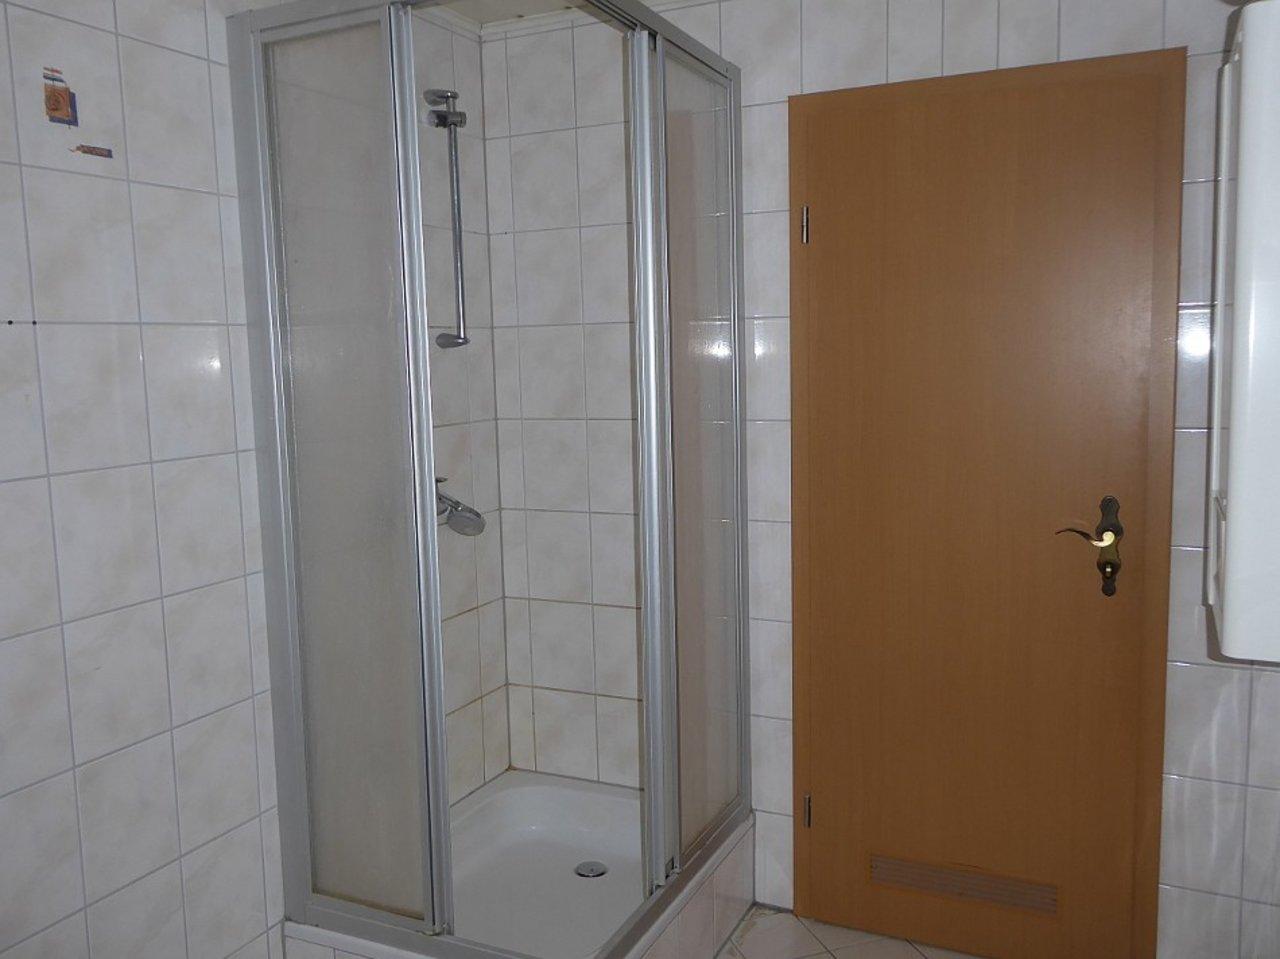 Individuelle 3-Zimmer-DG-Wohnung mit ausgebautem Dachspitz in Arnstadt-Duschbad